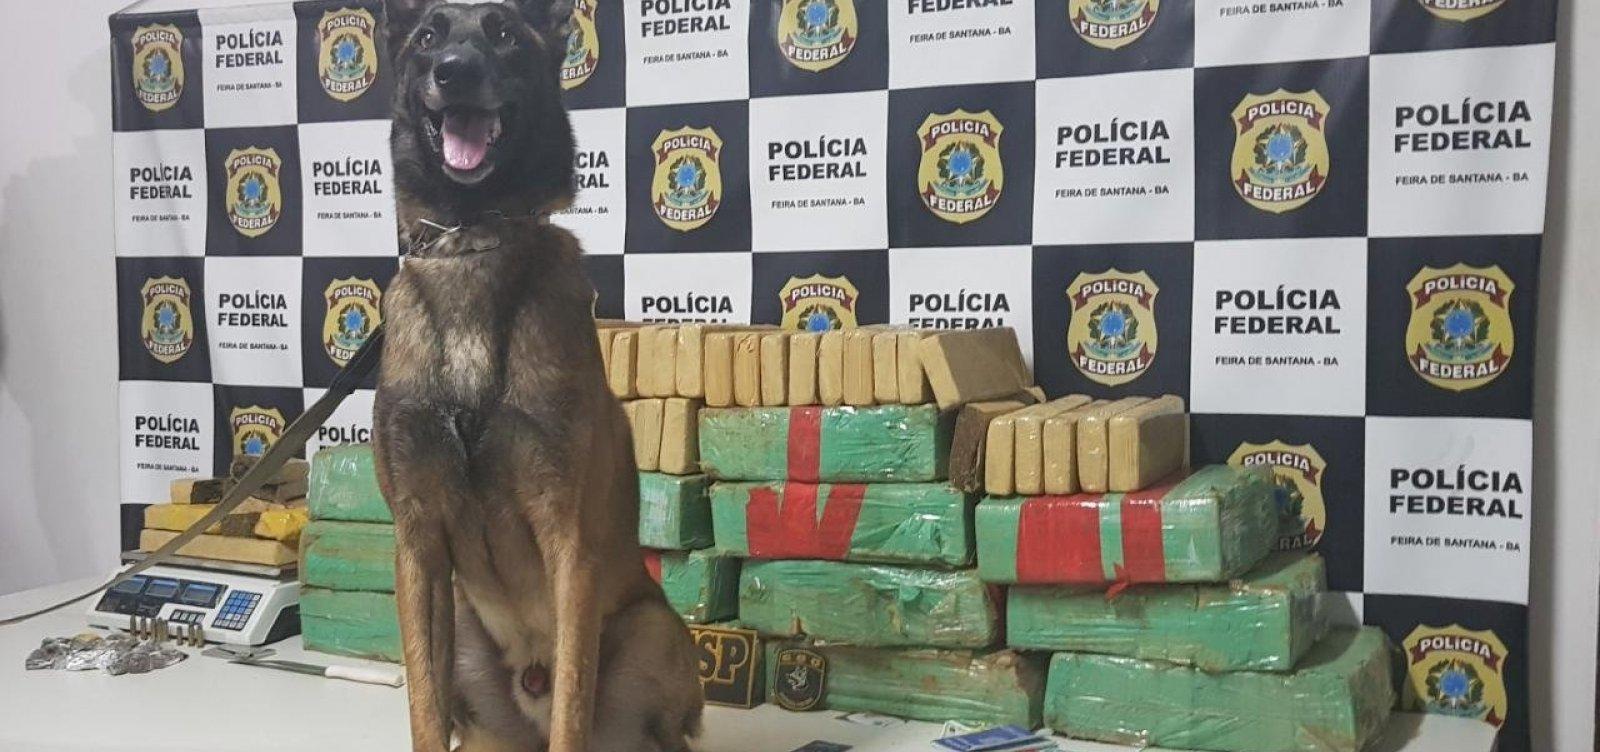 [Cão farejador localiza 160 kg de maconha e mulher é presa em flagrante]